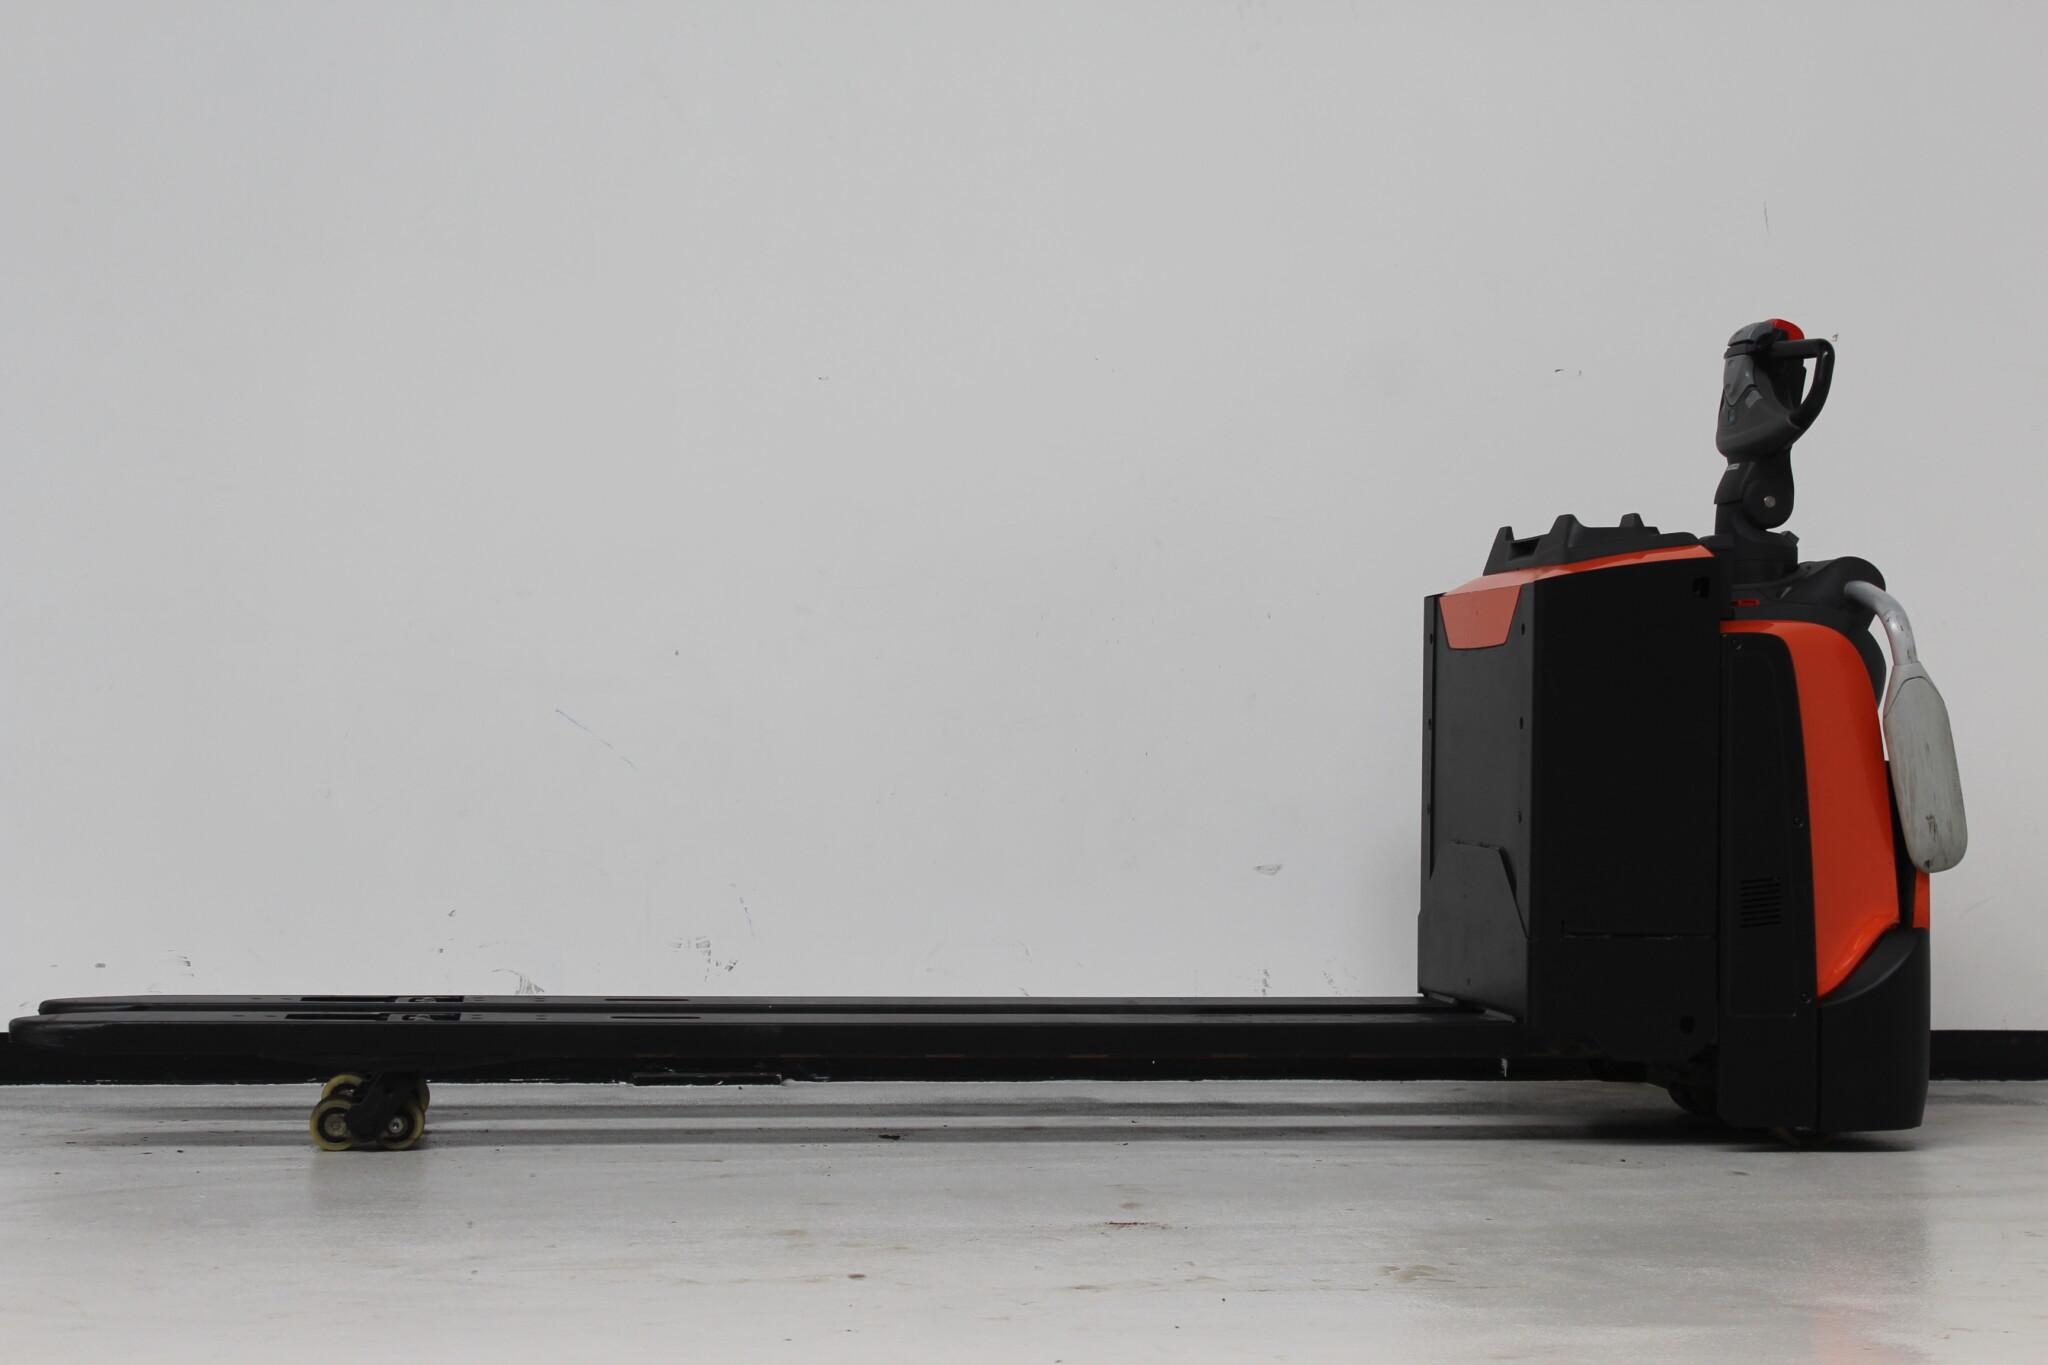 Toyota-Gabelstapler-59840 1803015648 1 scaled